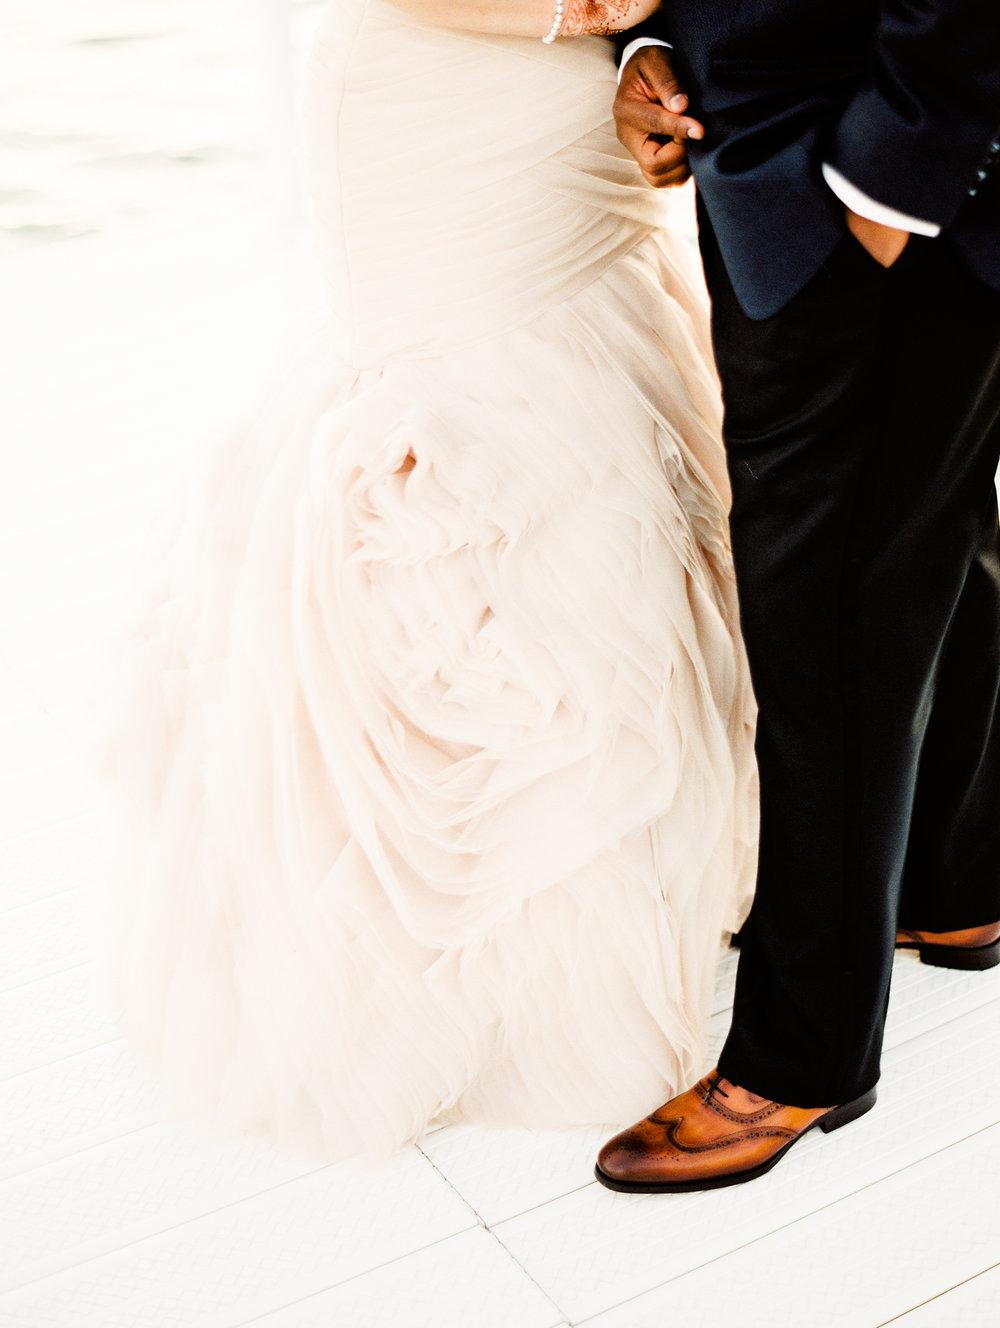 Govathoti+Wedding+Reception+BridalParty-59.jpg